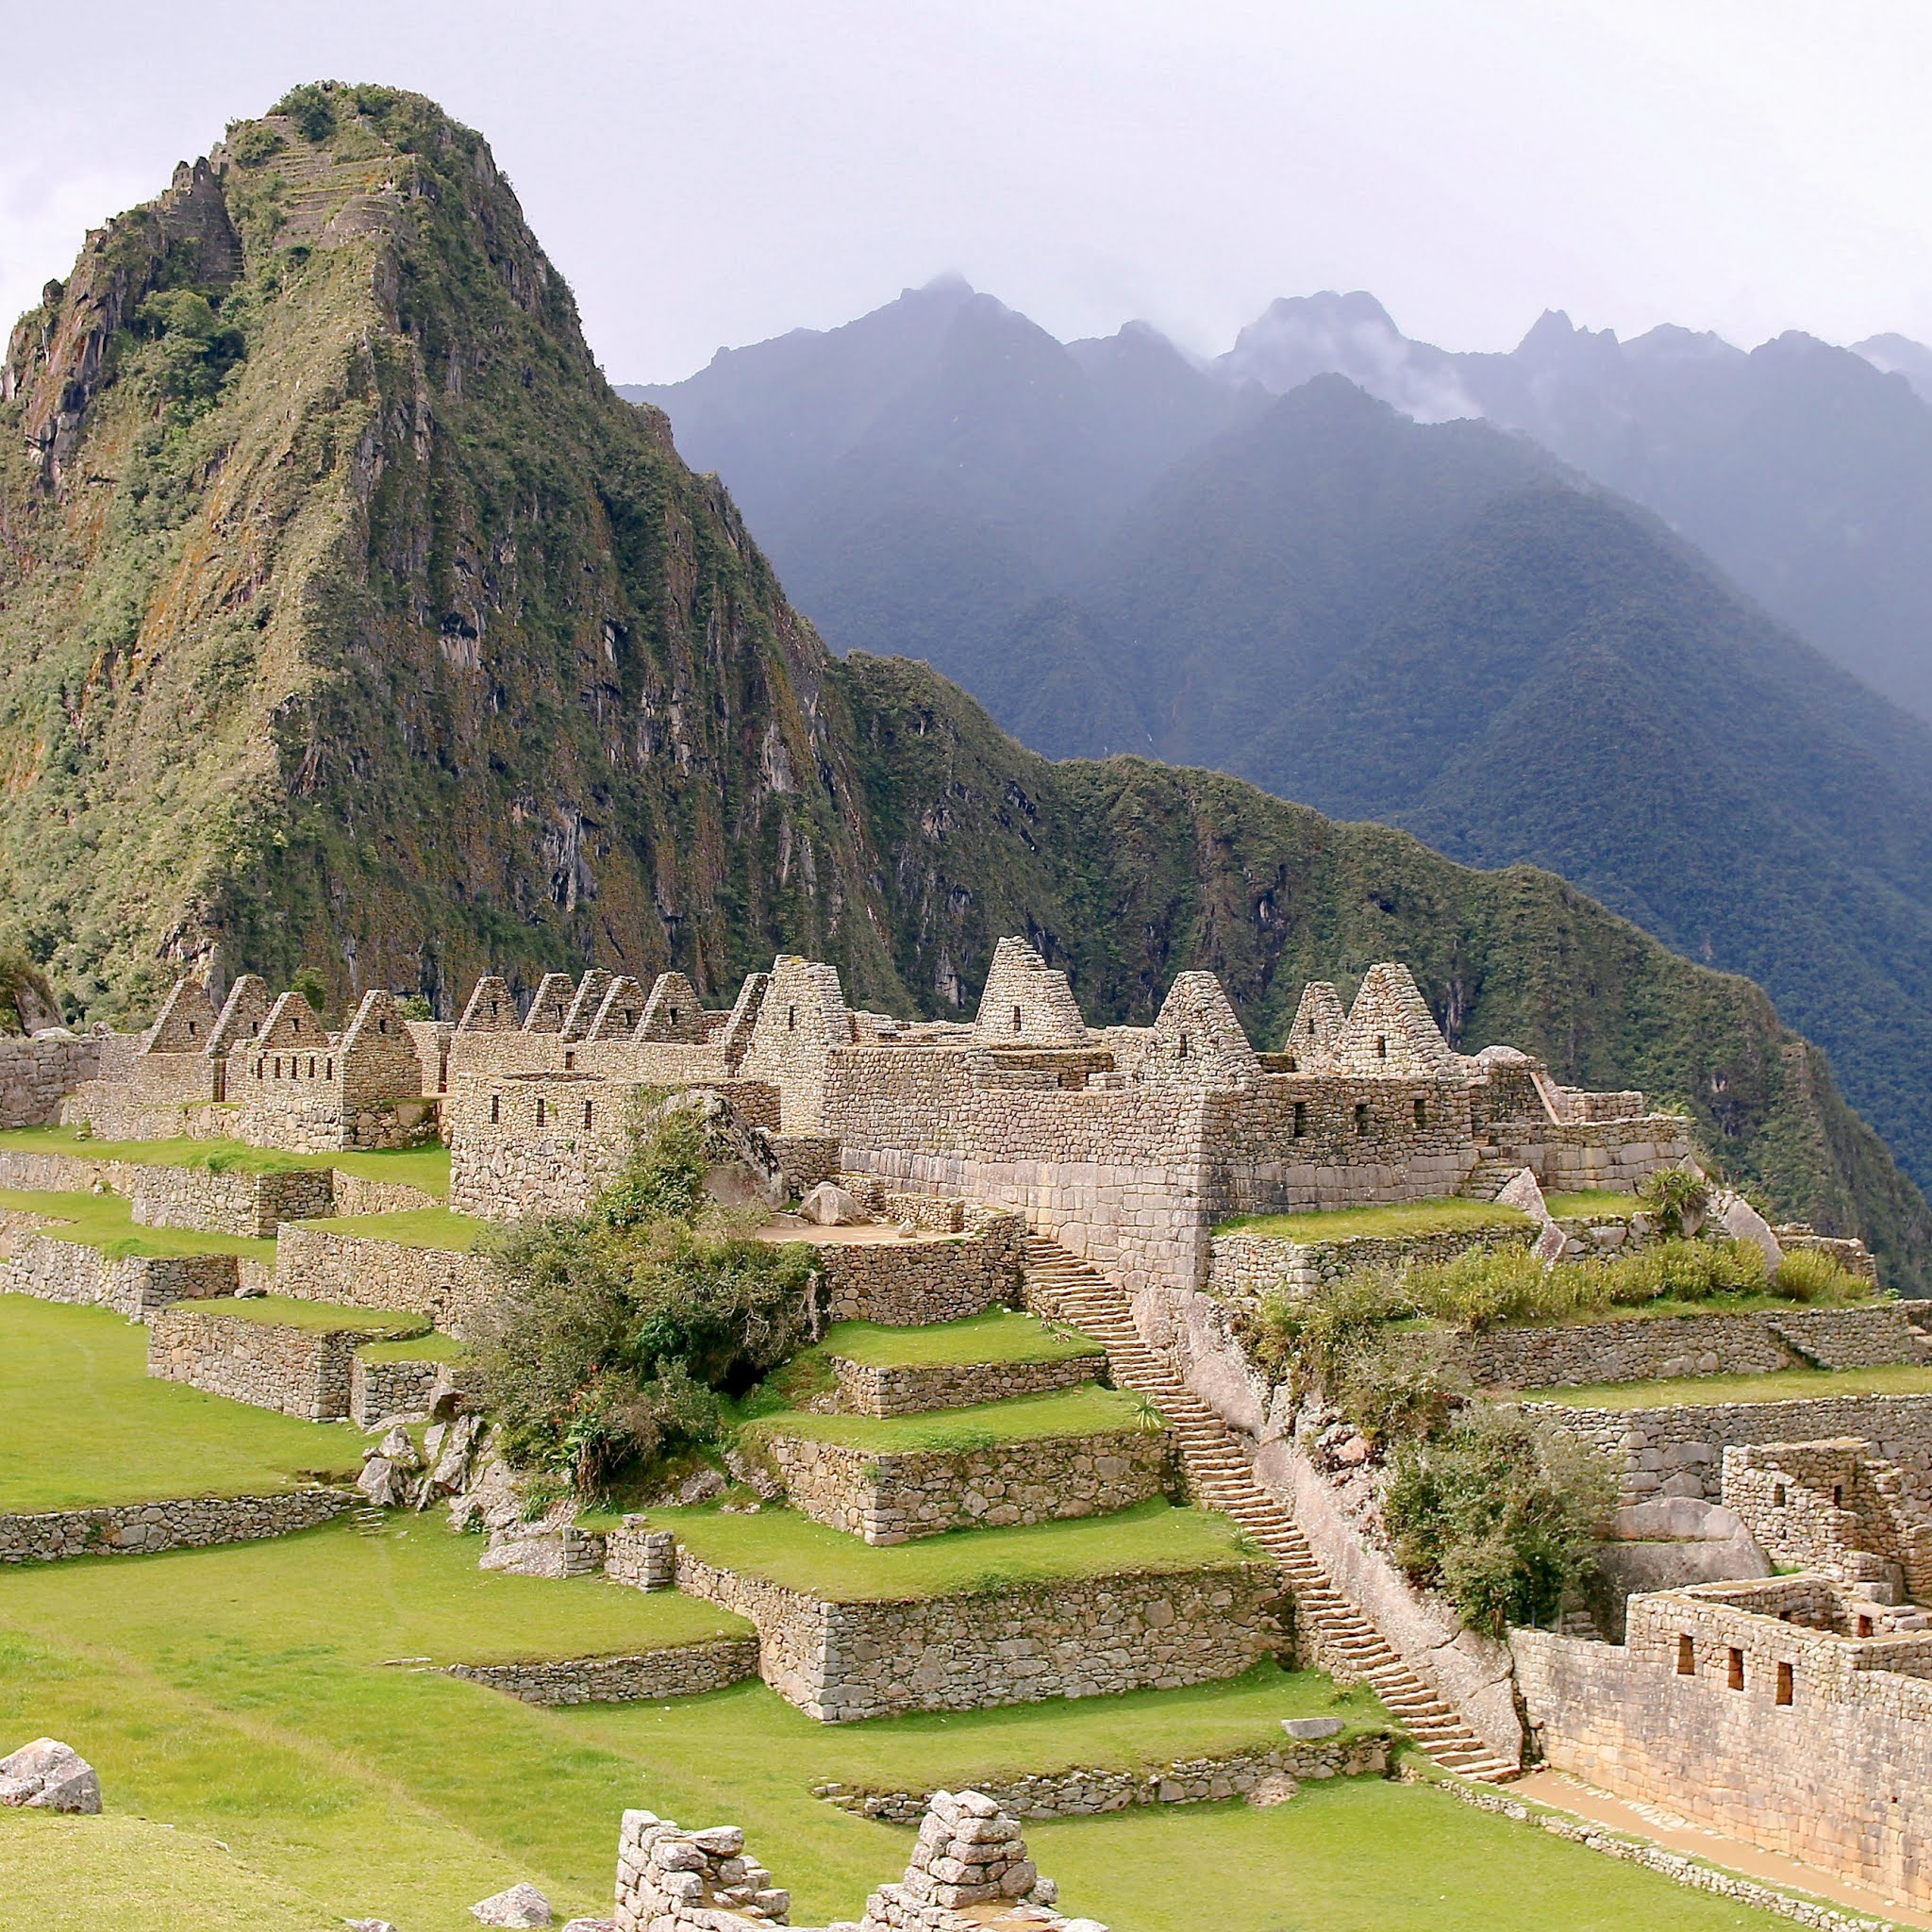 Machu Picchu - Cuzco Region, Peru